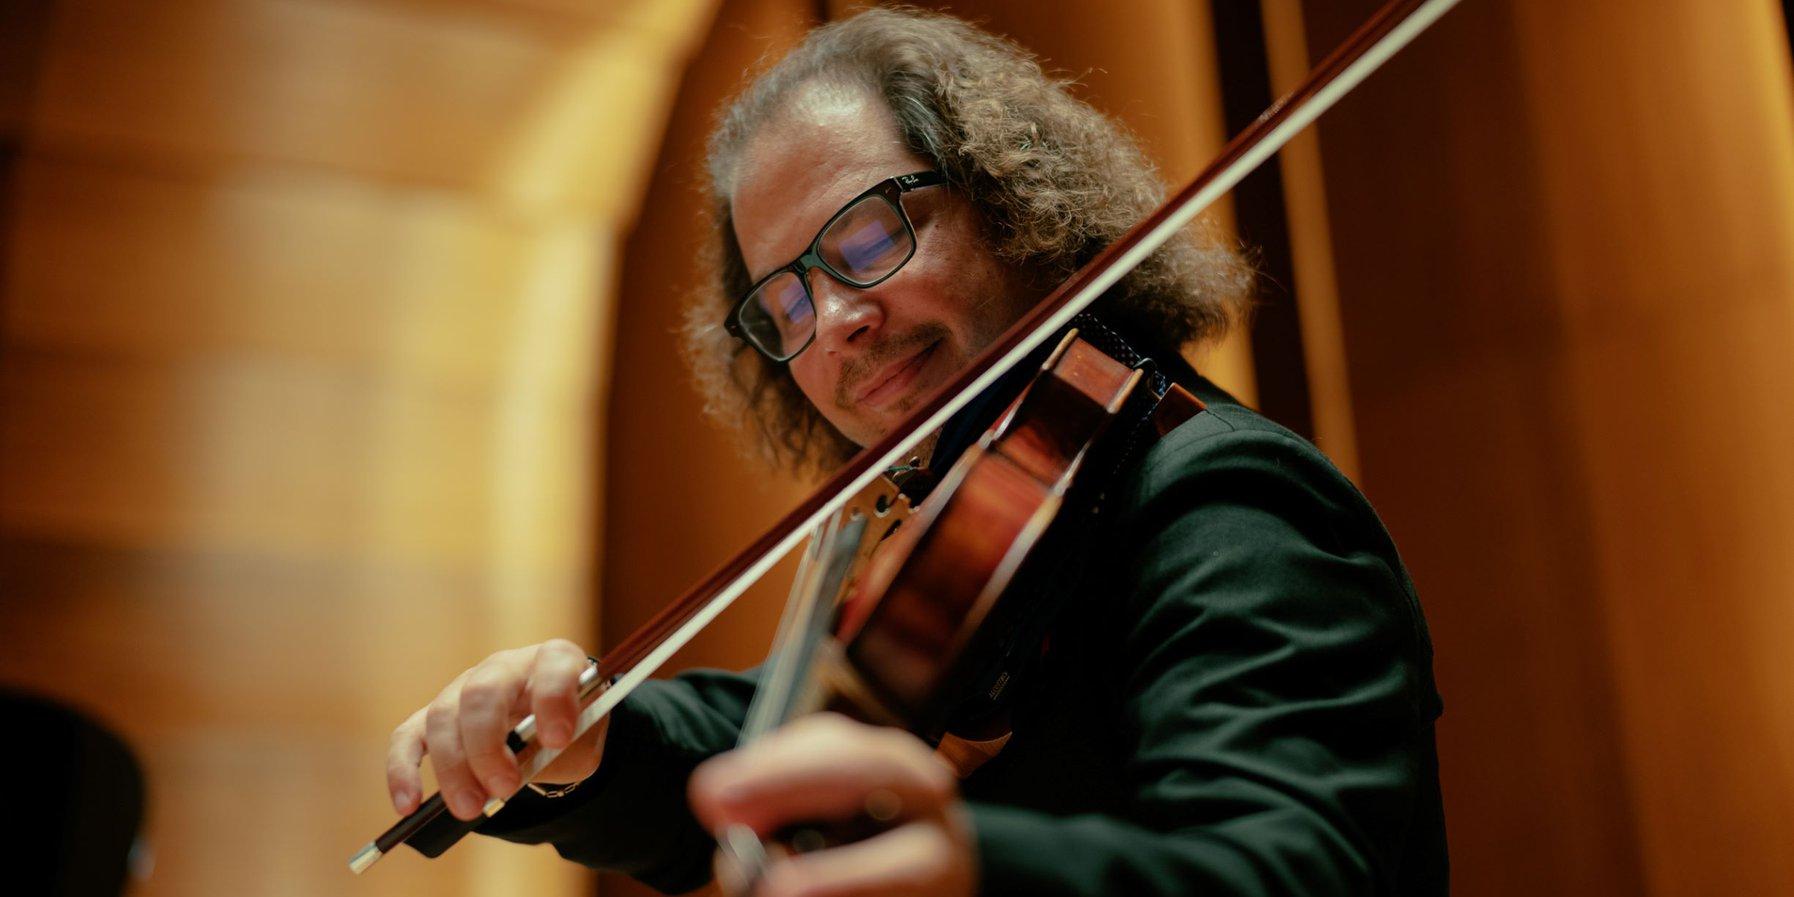 Volodia Mykytka, violist in the Szymanowski Quartet